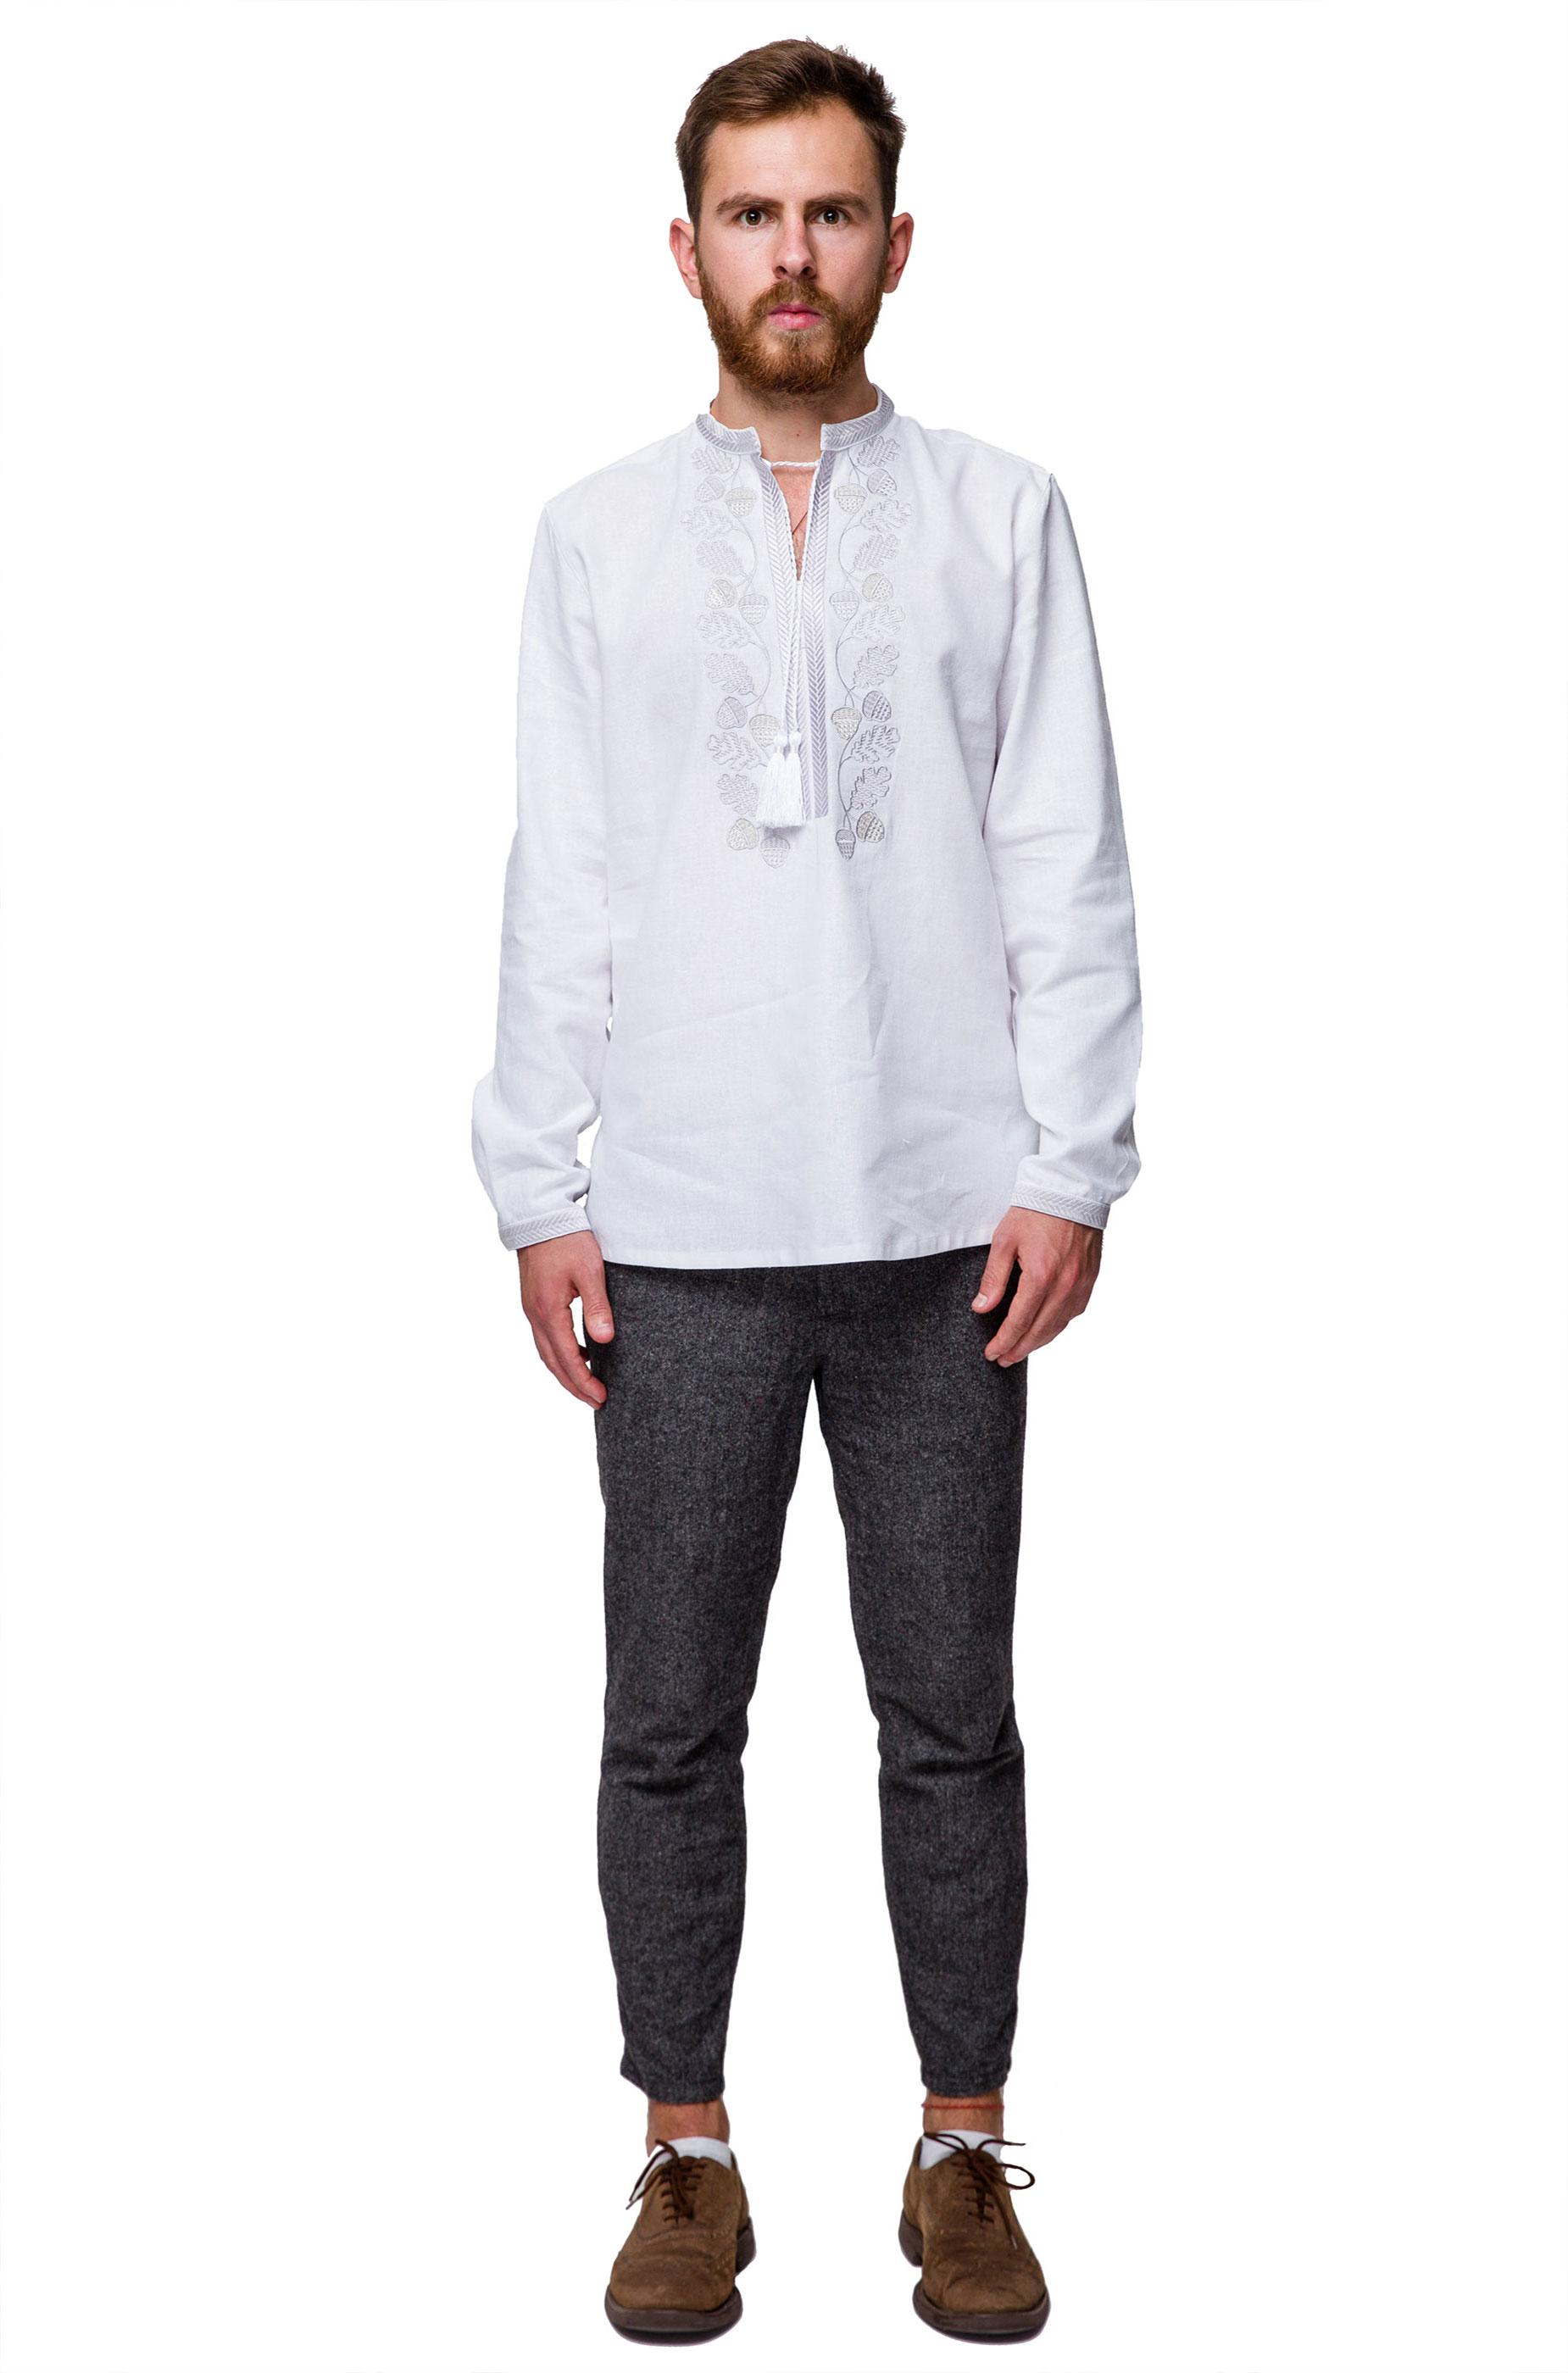 Купити чоловічий одяг з вишивкою недорого в Києві — 2KOLYORY. cc99a3caf0693